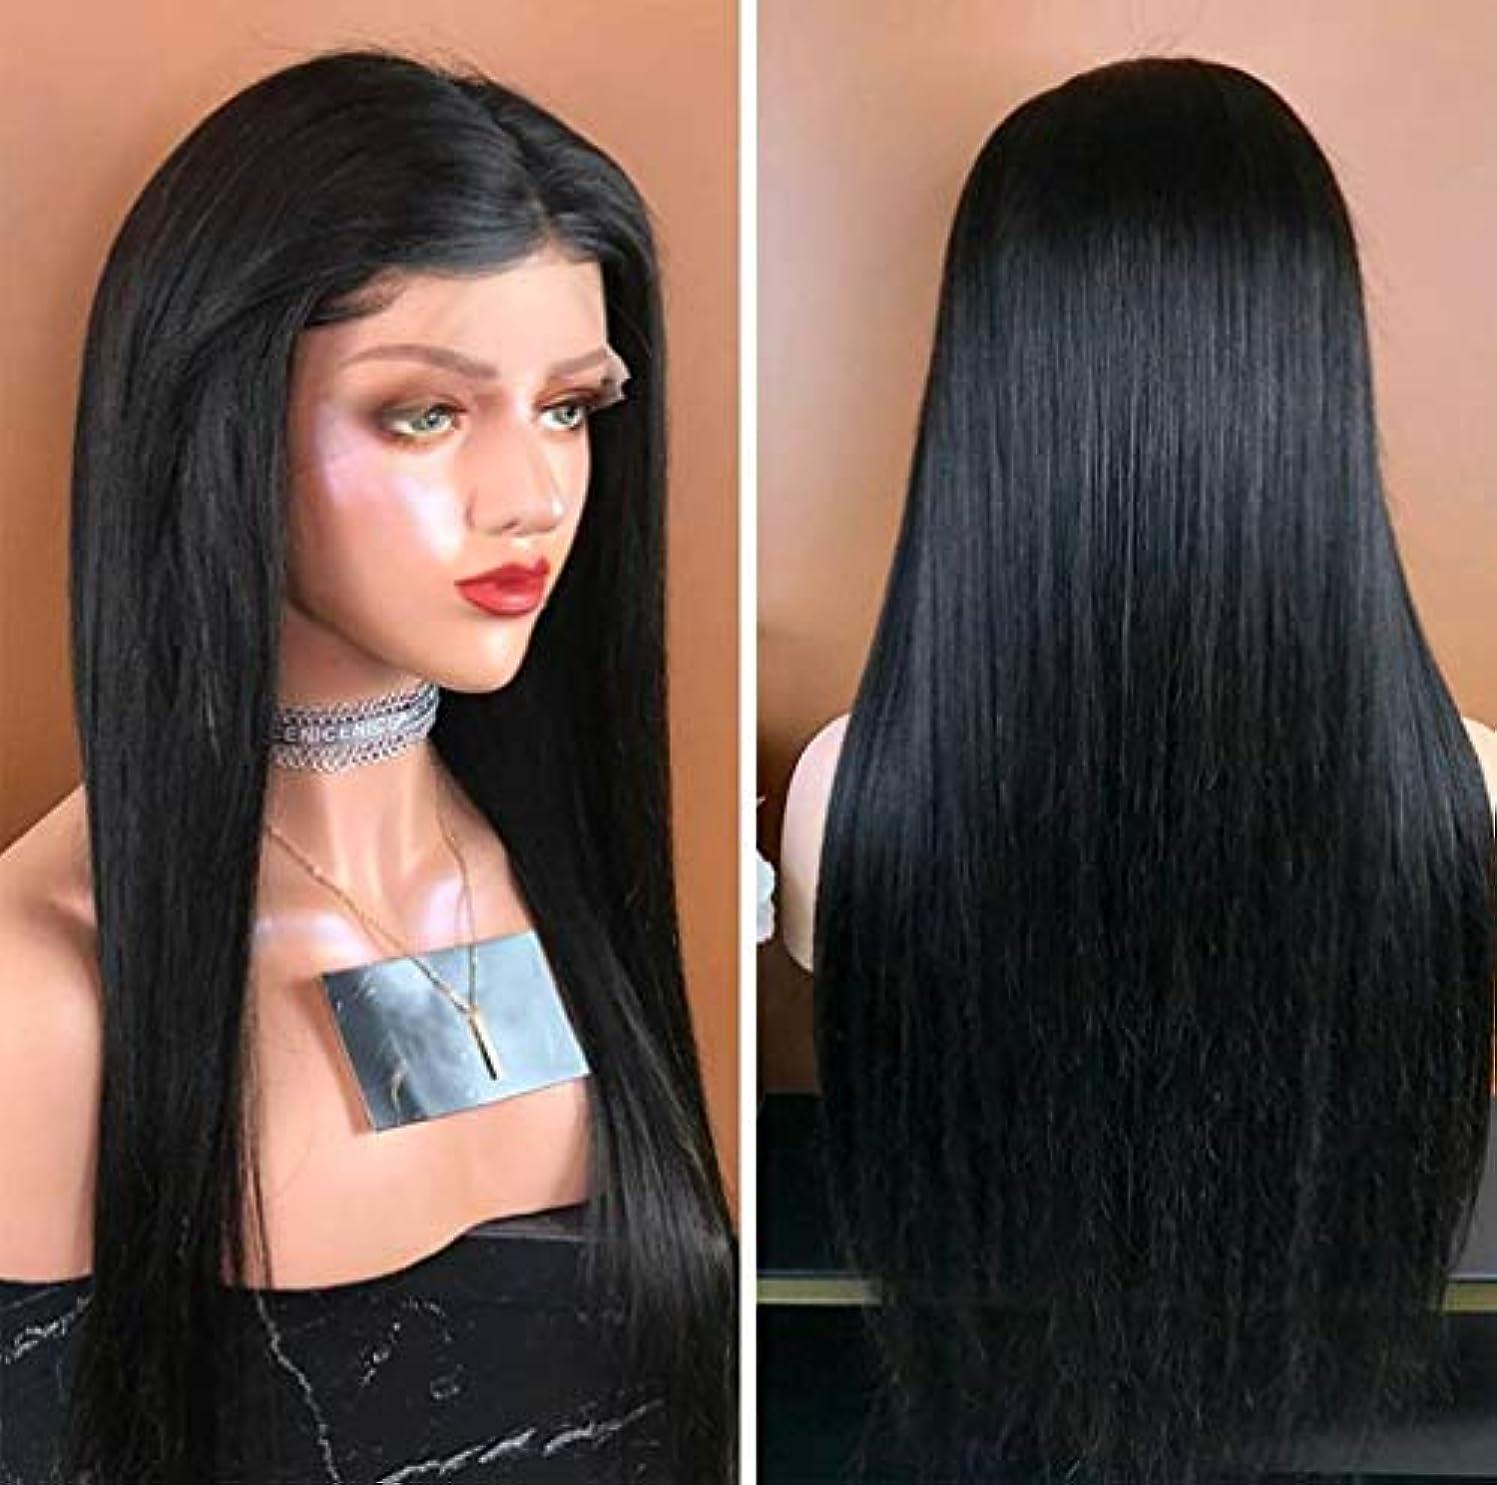 を必要としています竜巻リングバック女性360フルレースかつらブラジルバージンストレート人間の髪グルーレスショート人間の髪かつらベビーヘアショートレースかつら調節可能なストラップ